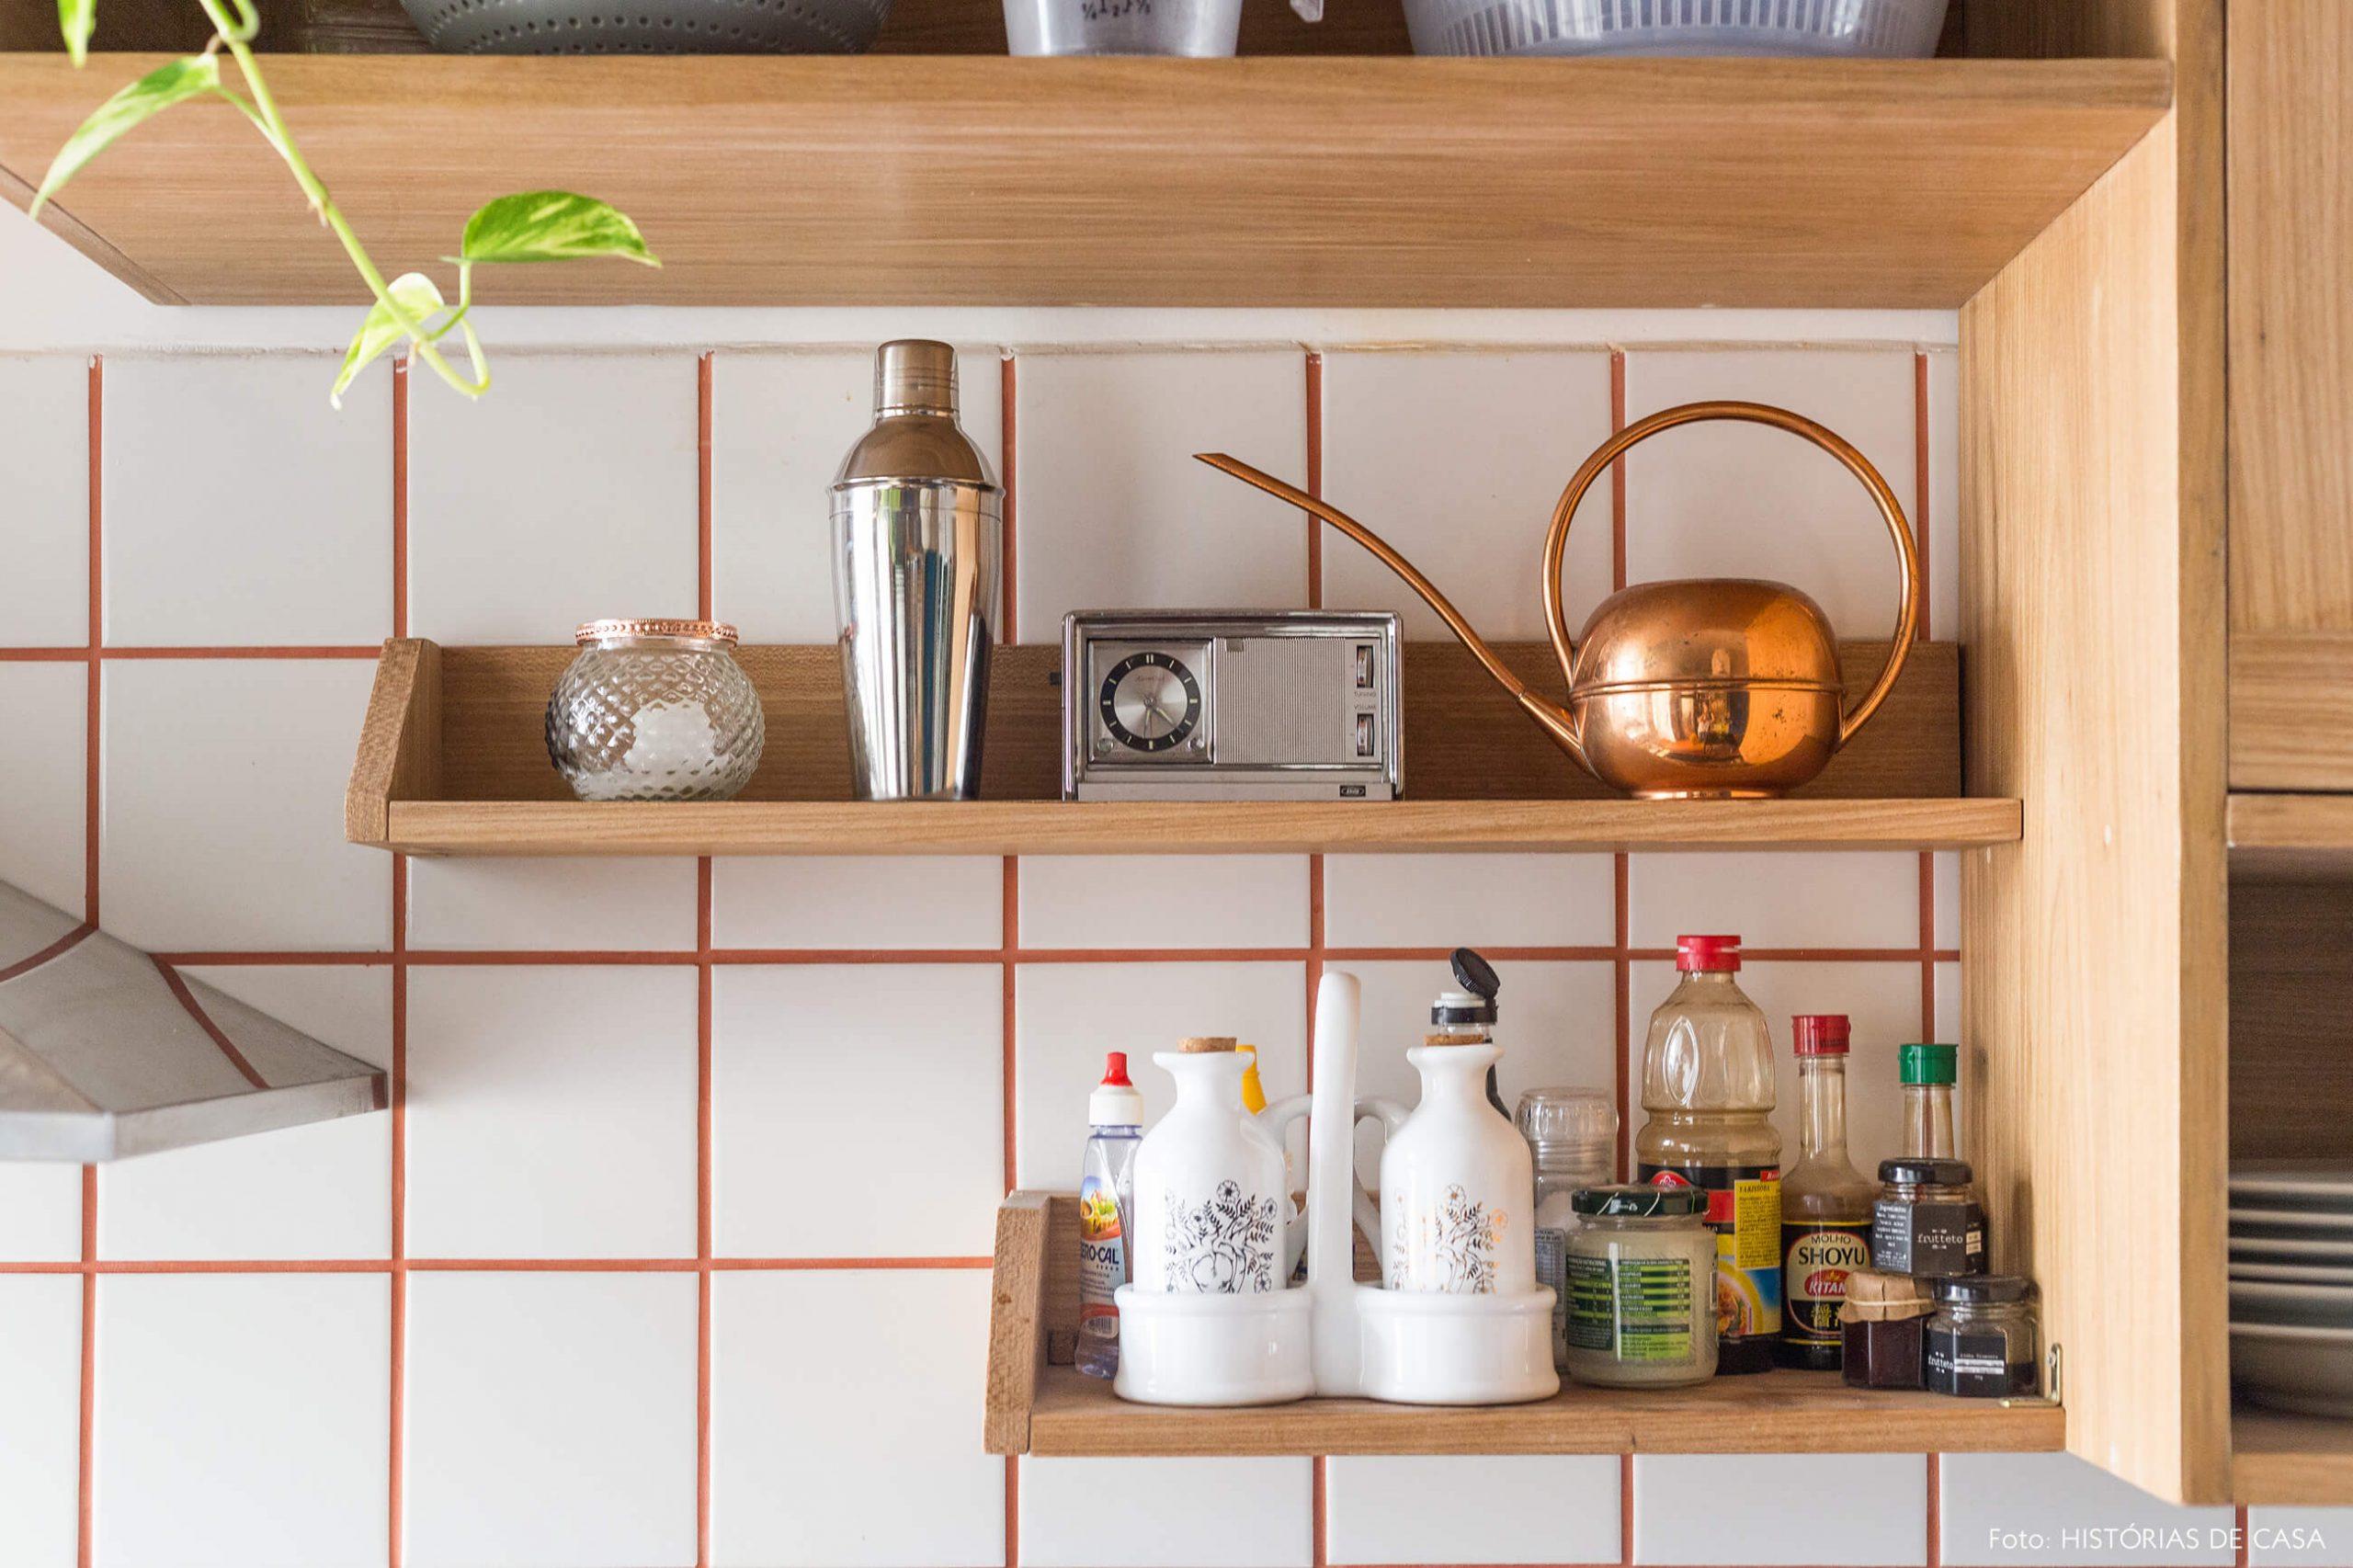 decoração cozinha com azulejos brancos e prateleiras de madeira